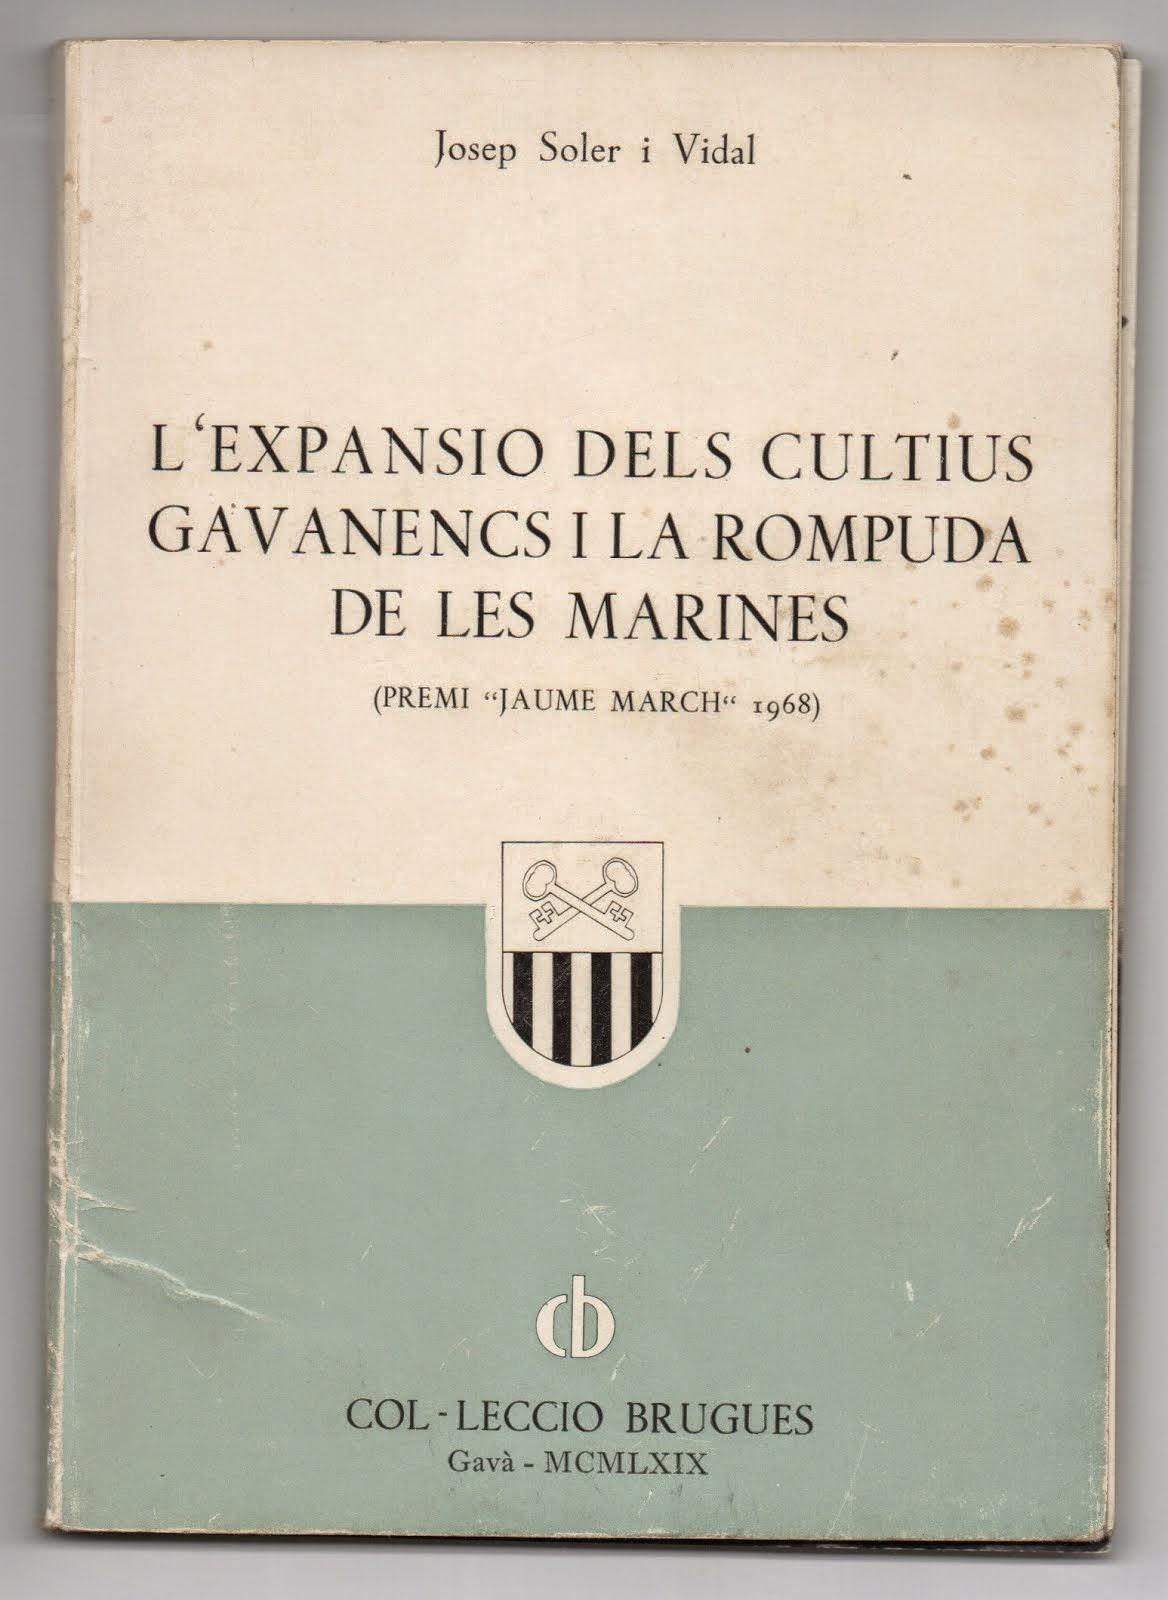 L'Expansió dels cultius gavanencs i la rompuda de les marines